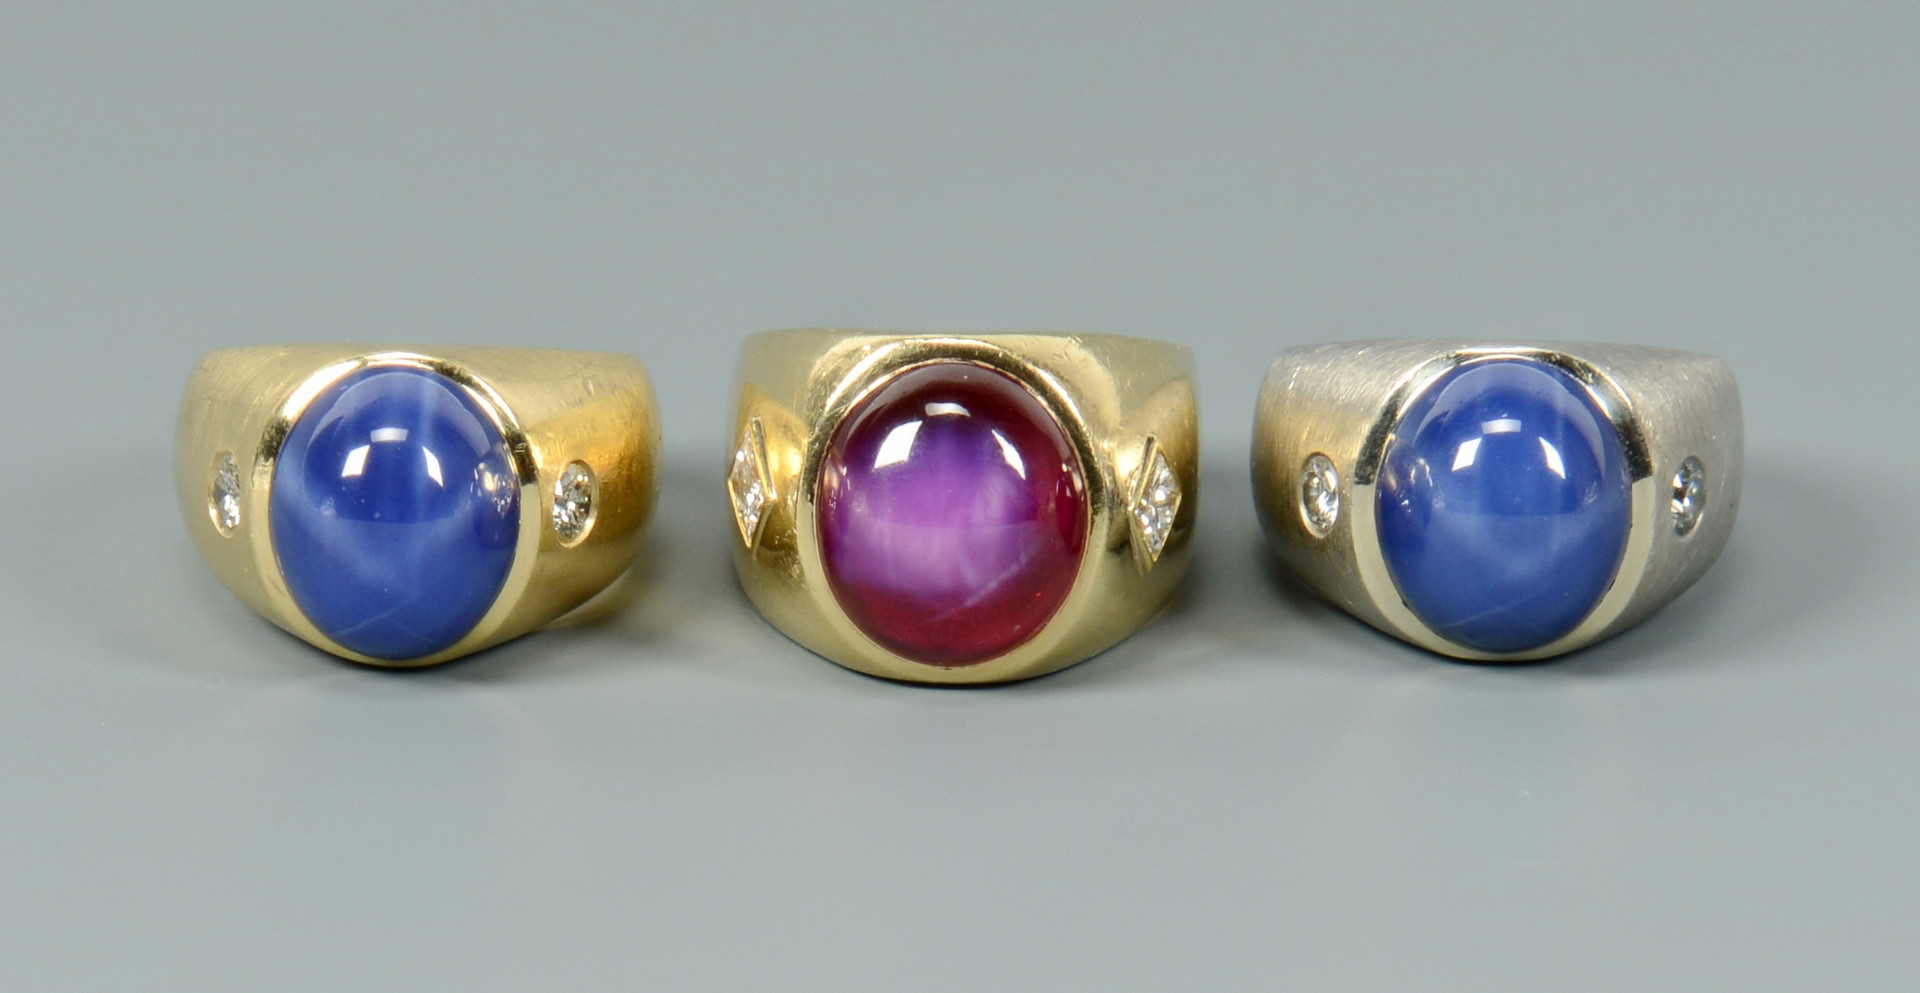 Lot 253: Three 14k rings with diamonds plus